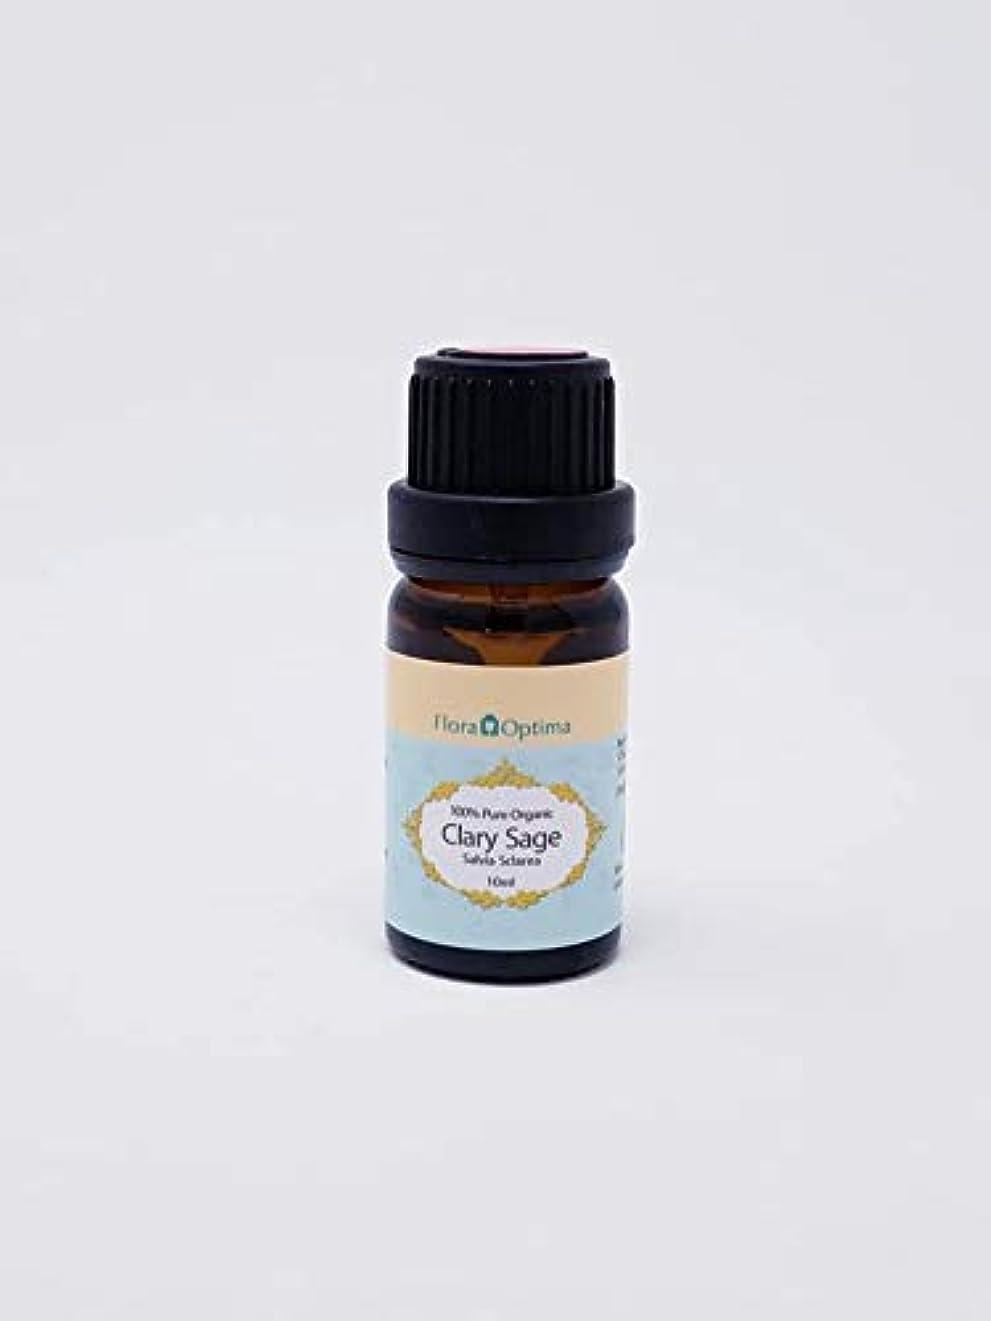 恥ずかしさ好奇心覚醒【オーガニック】クラリーセージ?オイル(Clary Sage Oil) - 10ml -